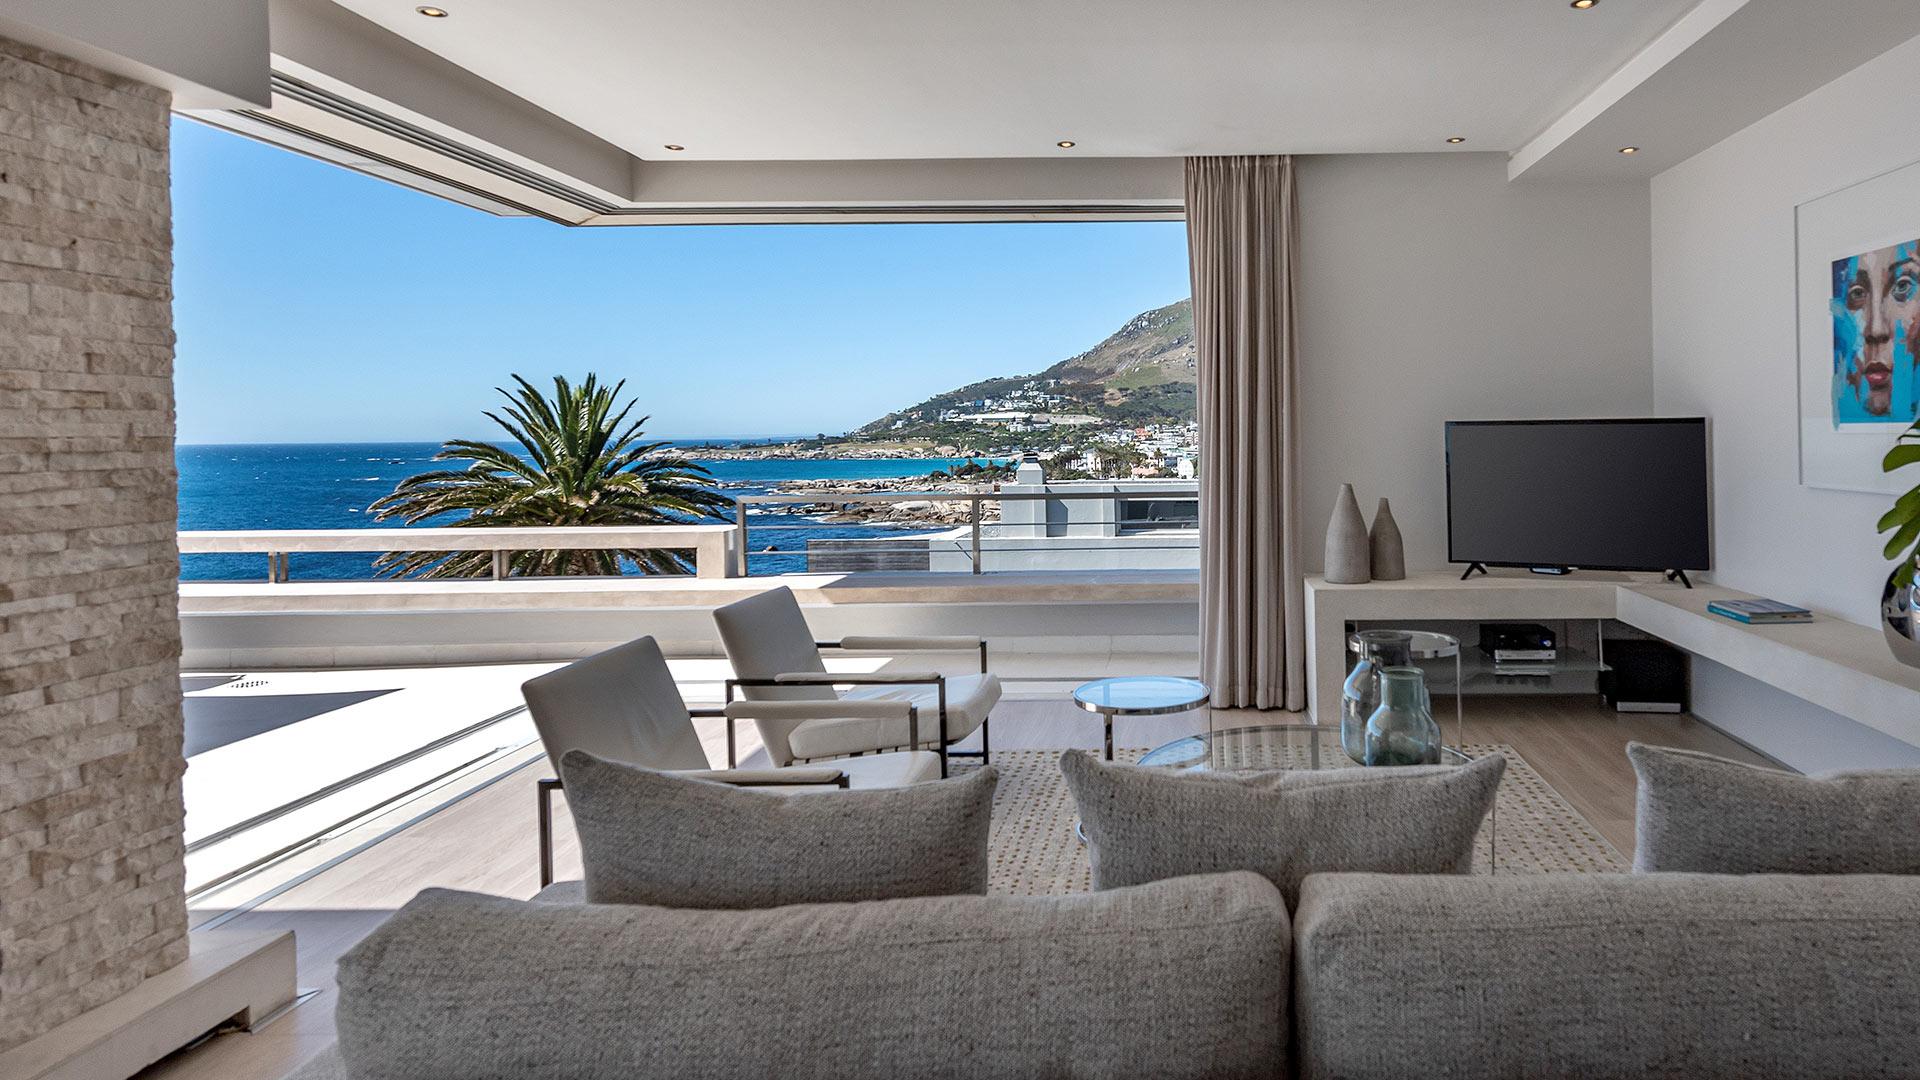 blue-views-villas-penthouse-1-12